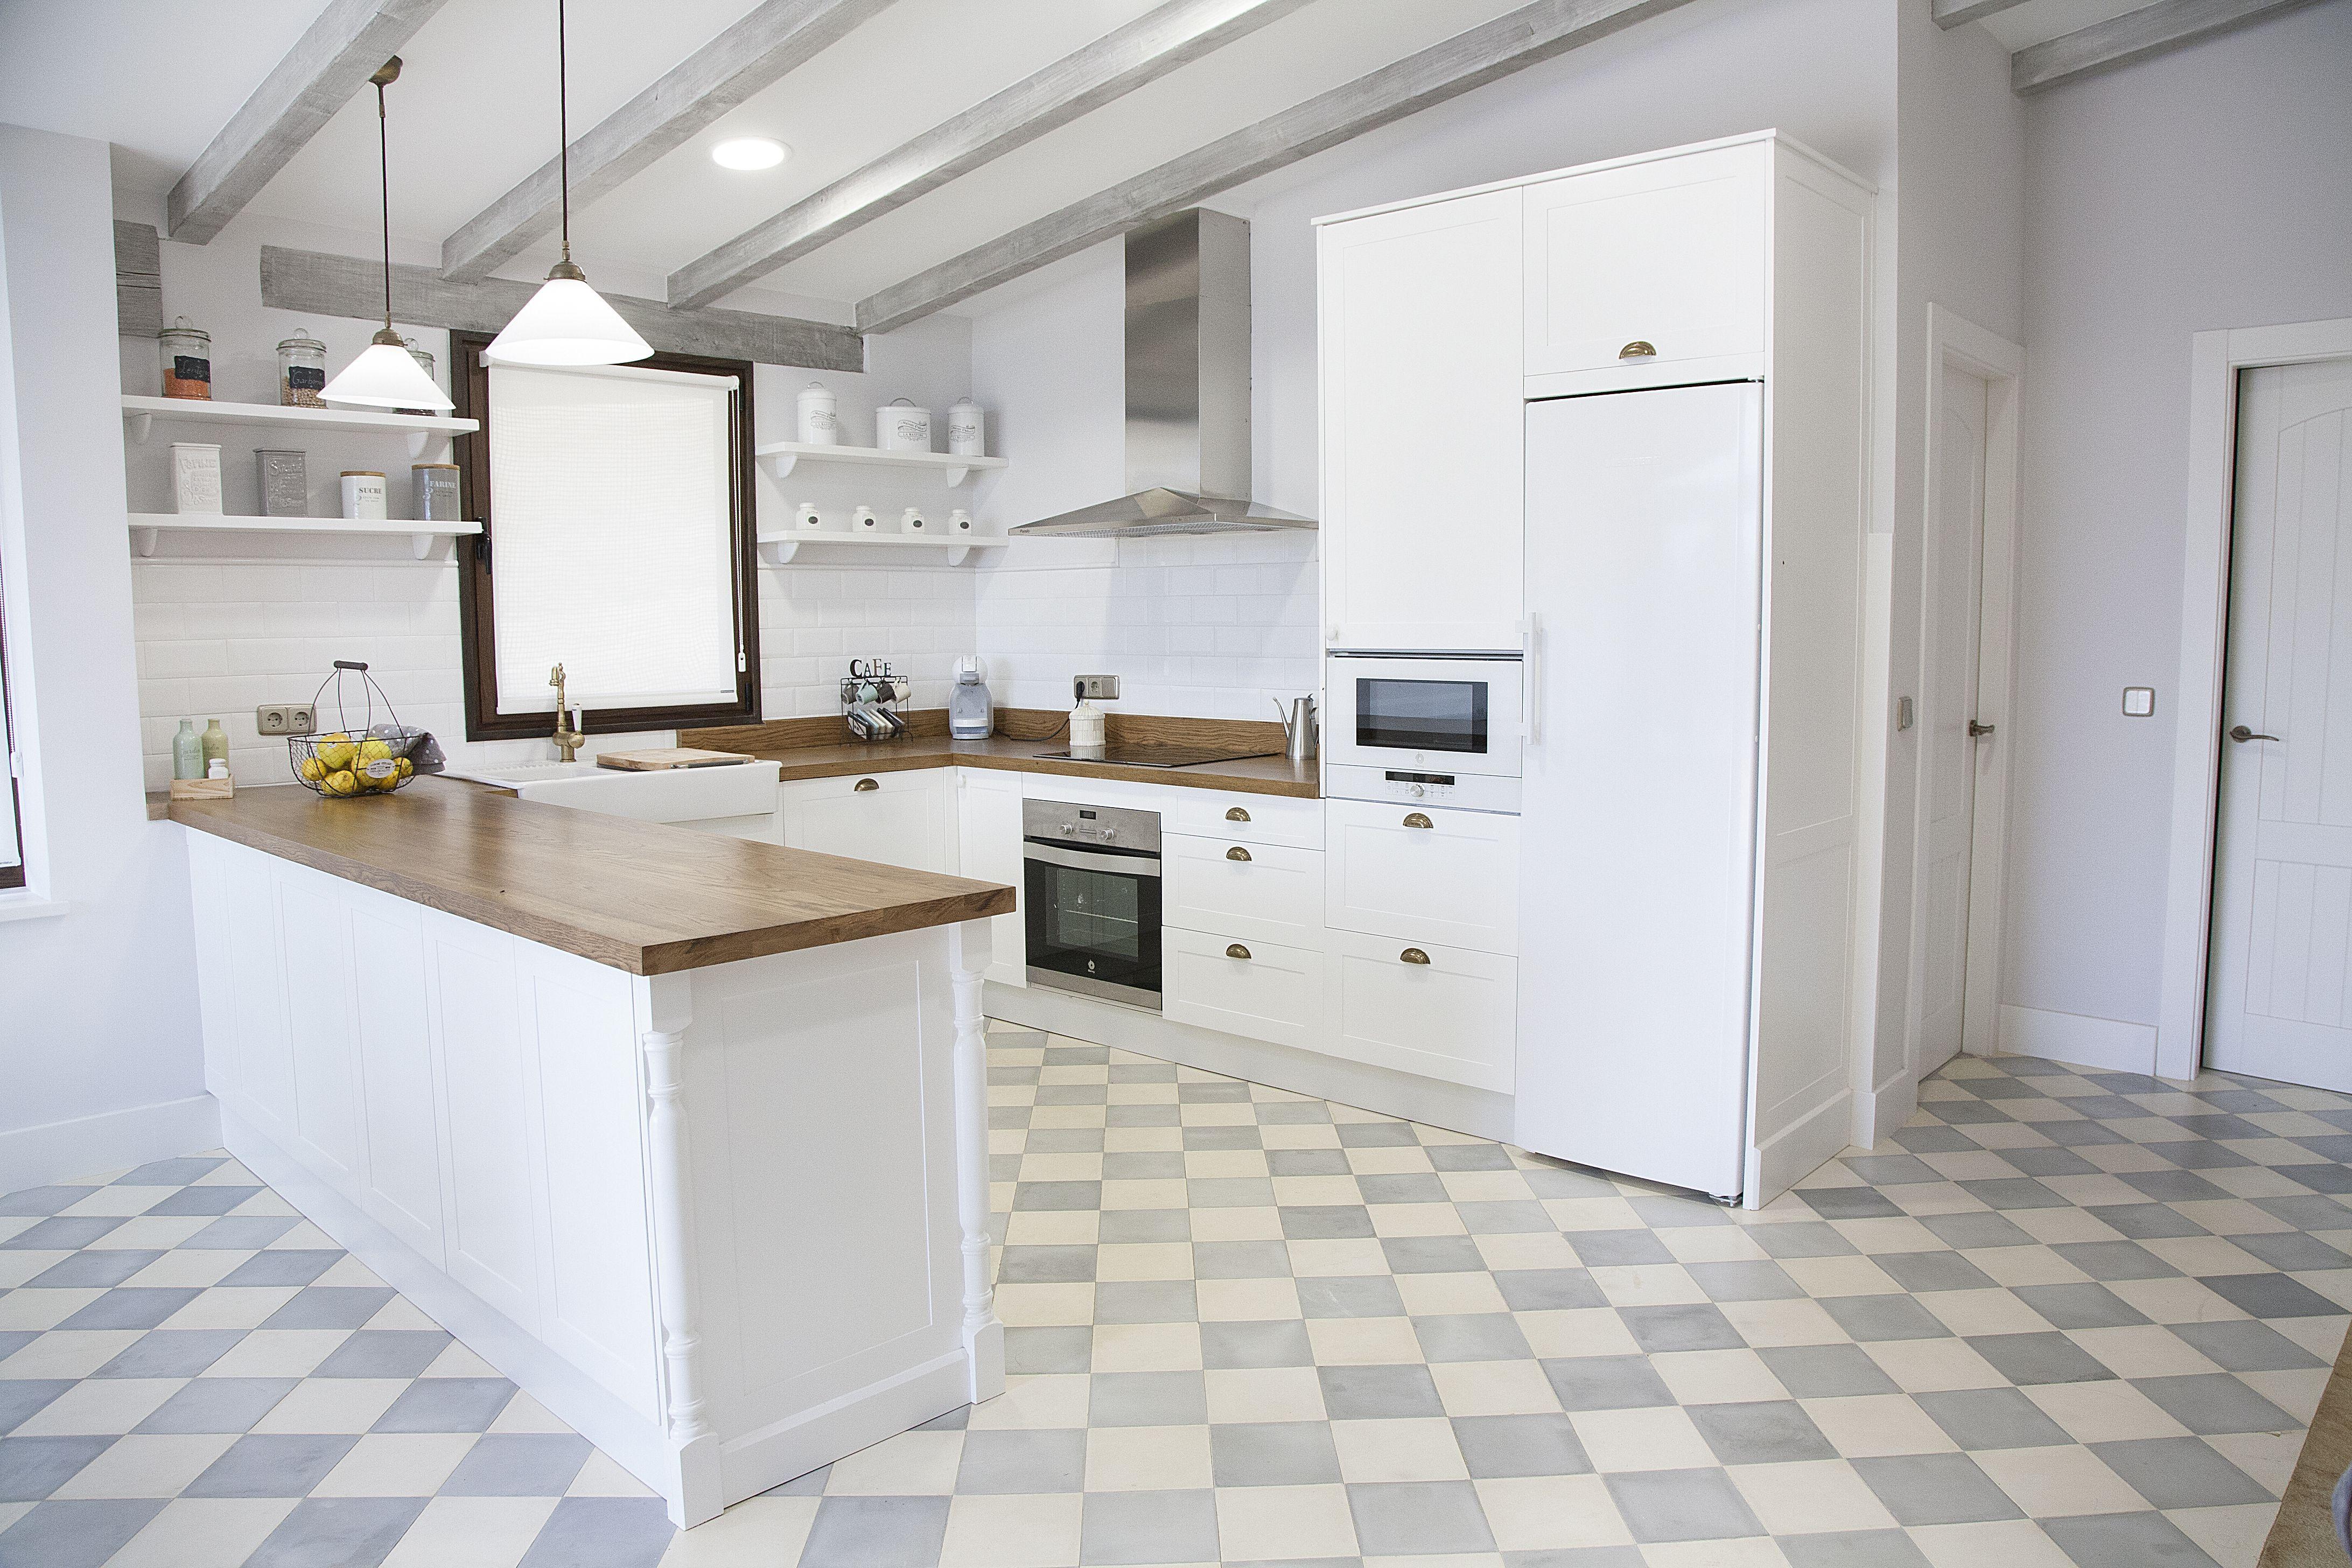 Cocina blanca encimera de madera suelo hidr ulico azulejo metro baldosas hidr ulicas - Baldosa hidraulica cocina ...